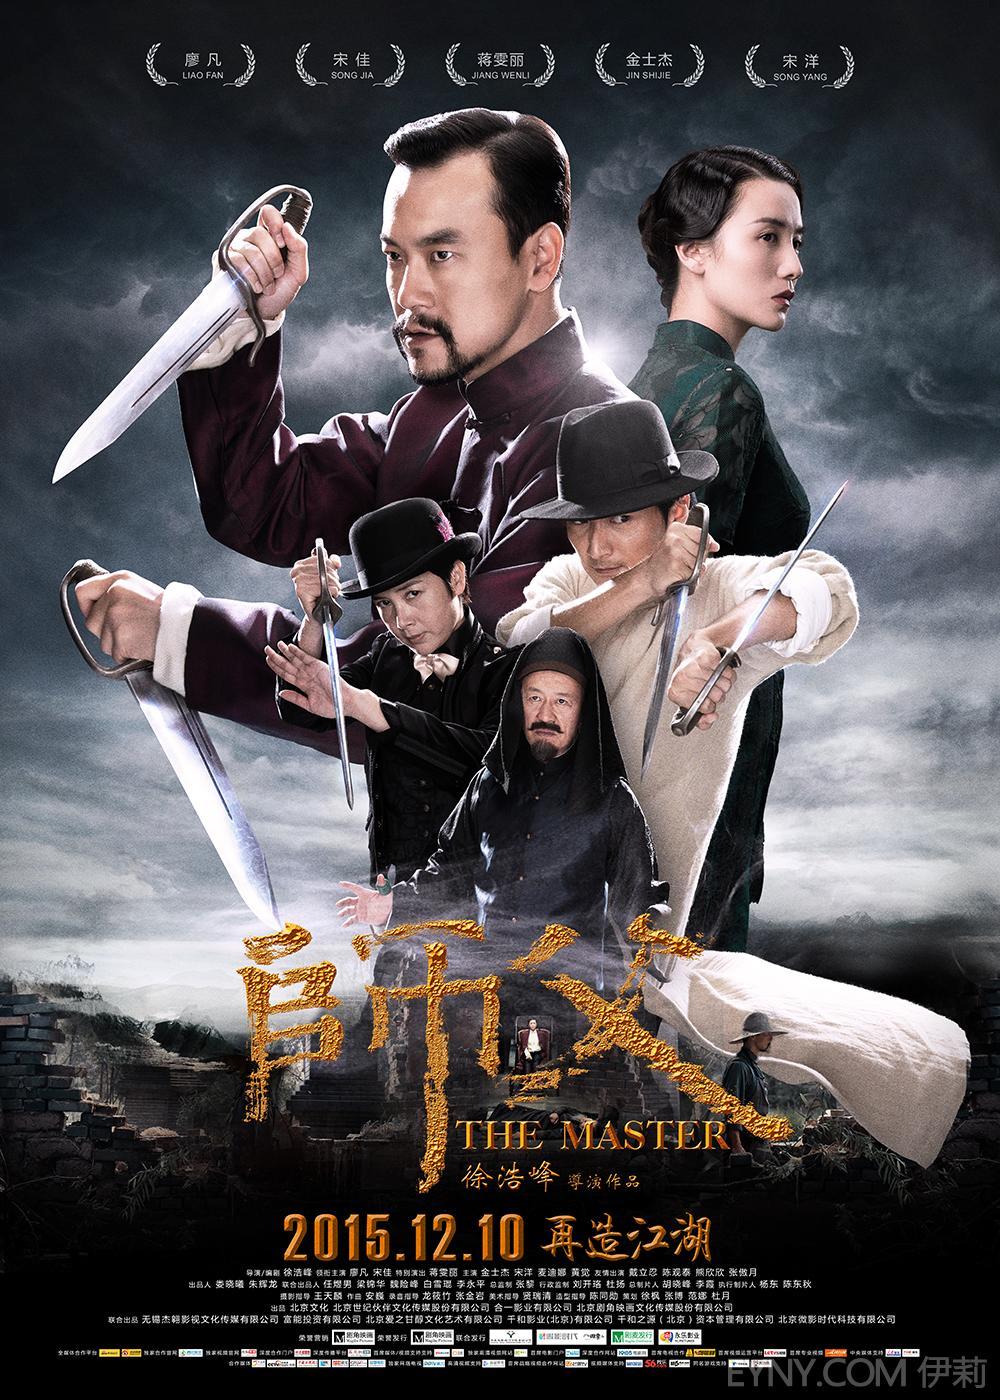 師傅 The Master